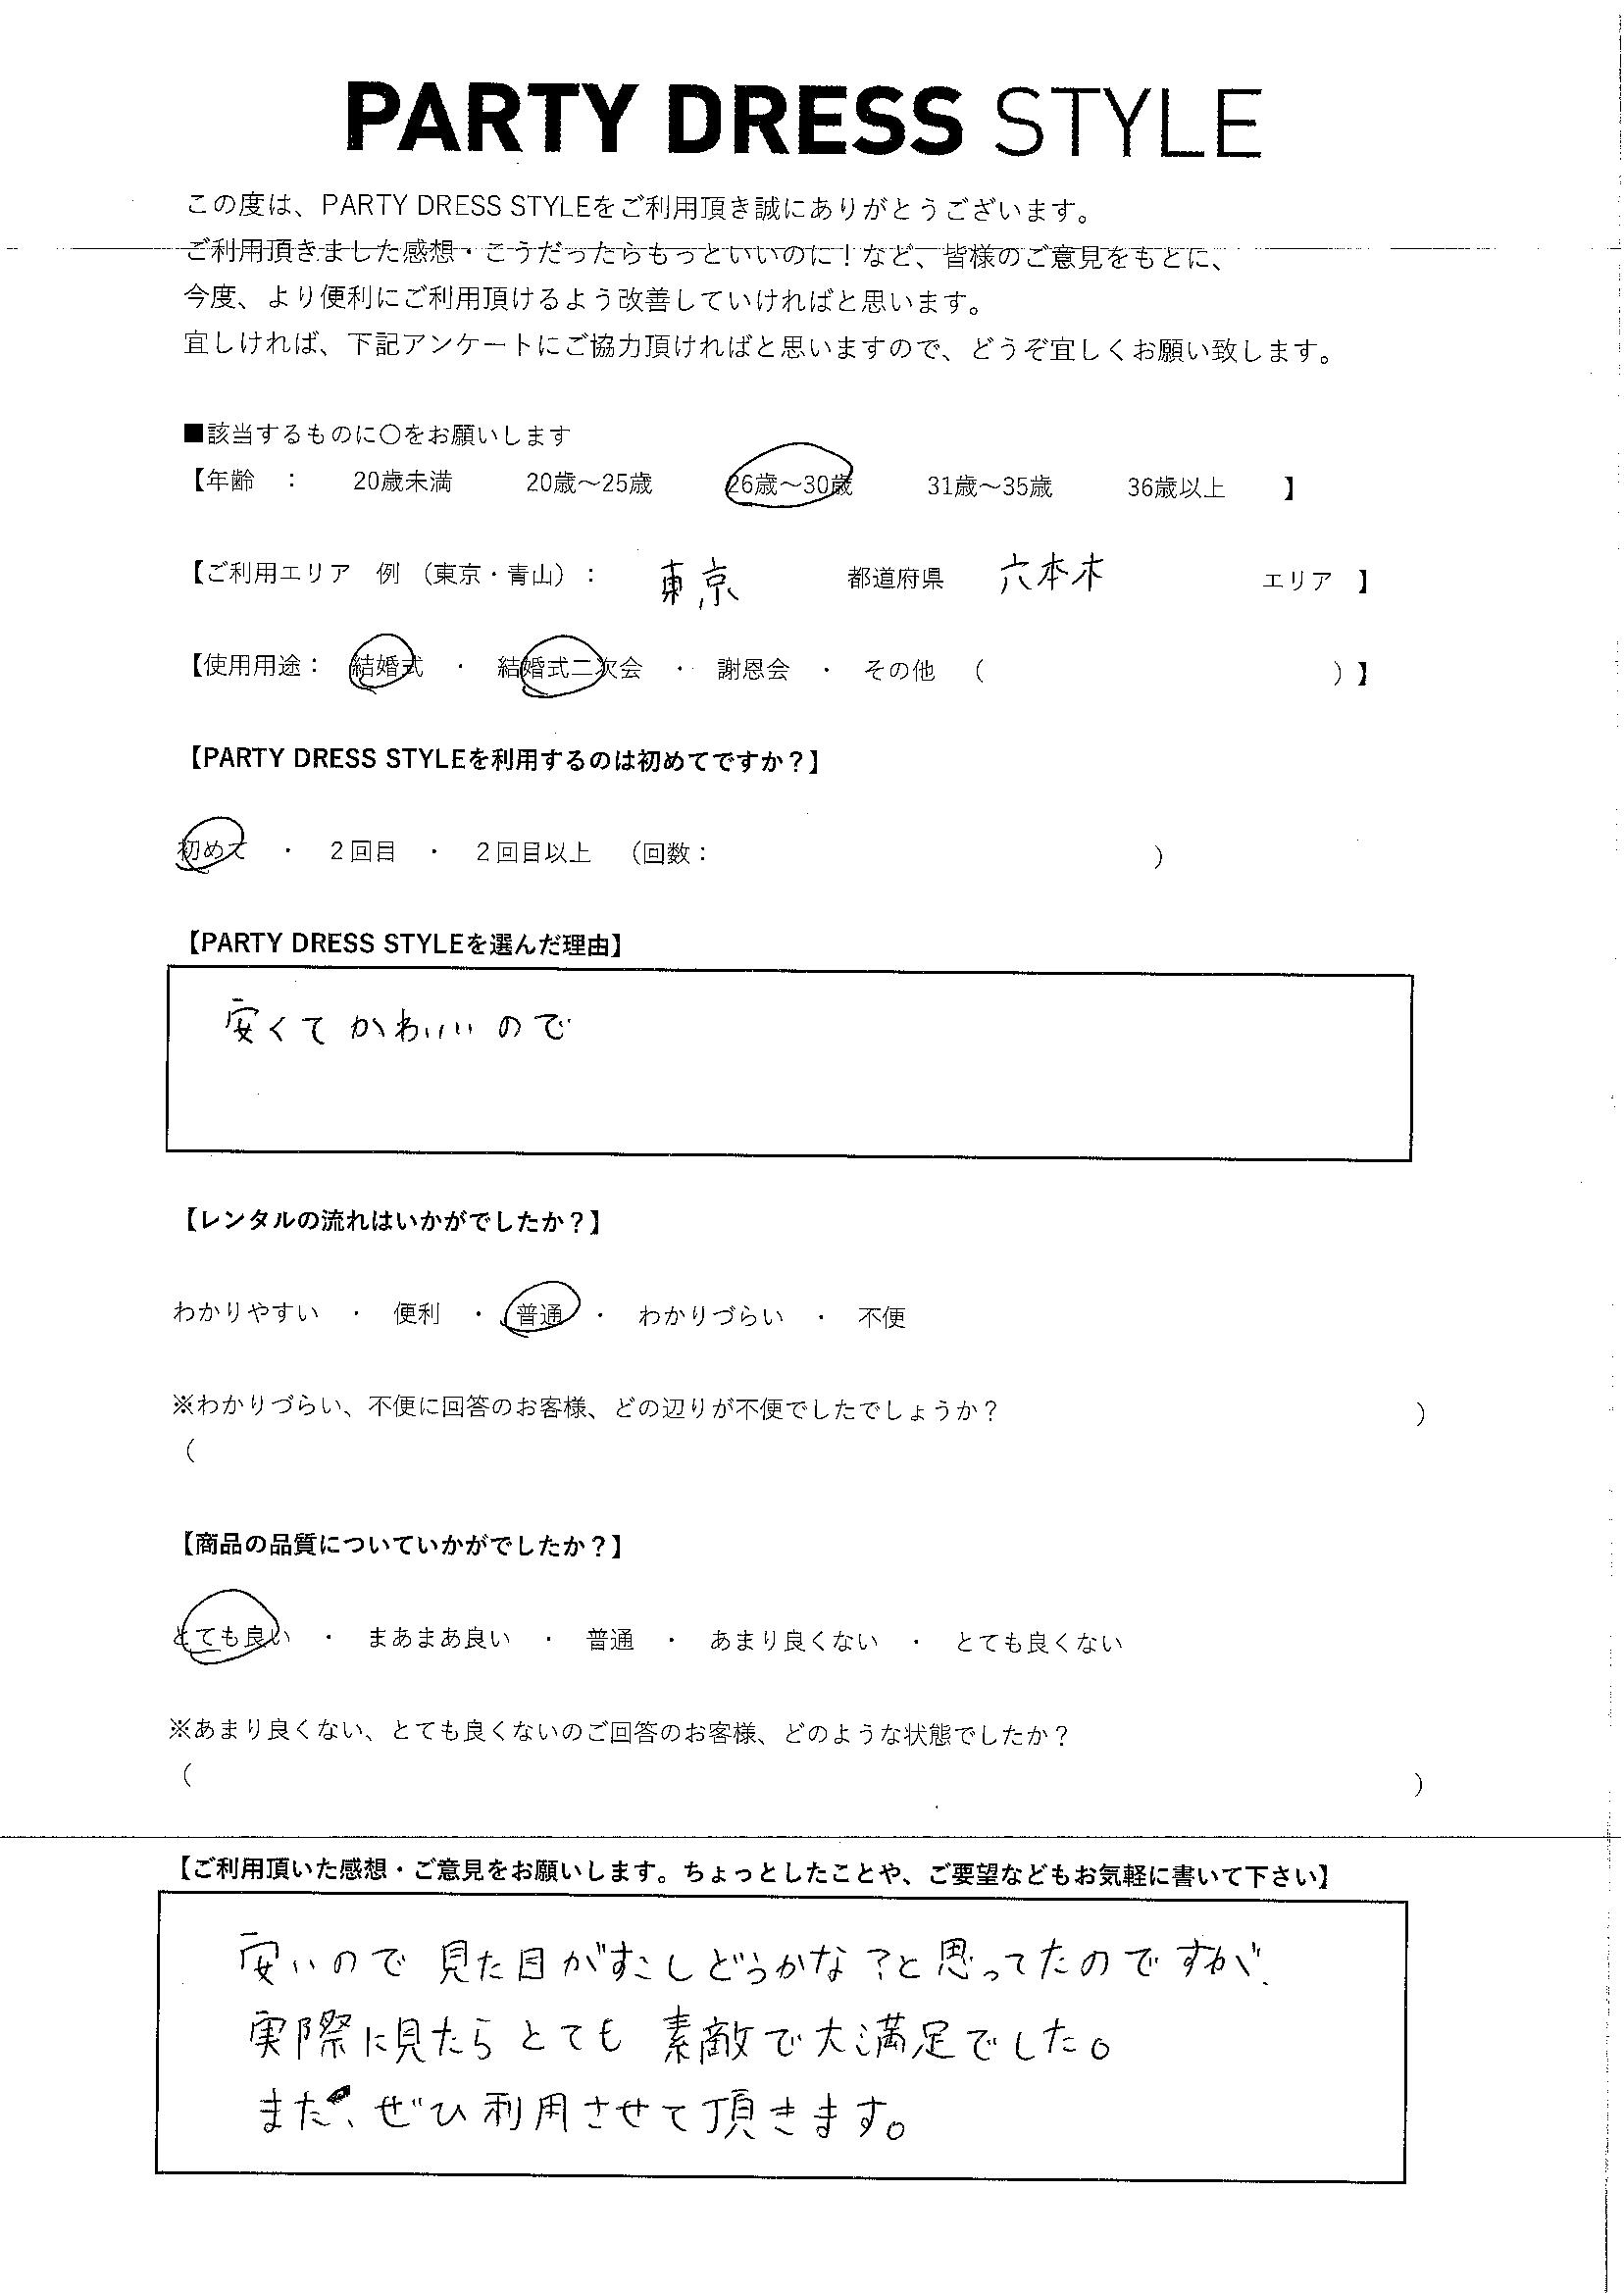 12/21結婚式・結婚式二次会ご利用 東京・六本木エリア